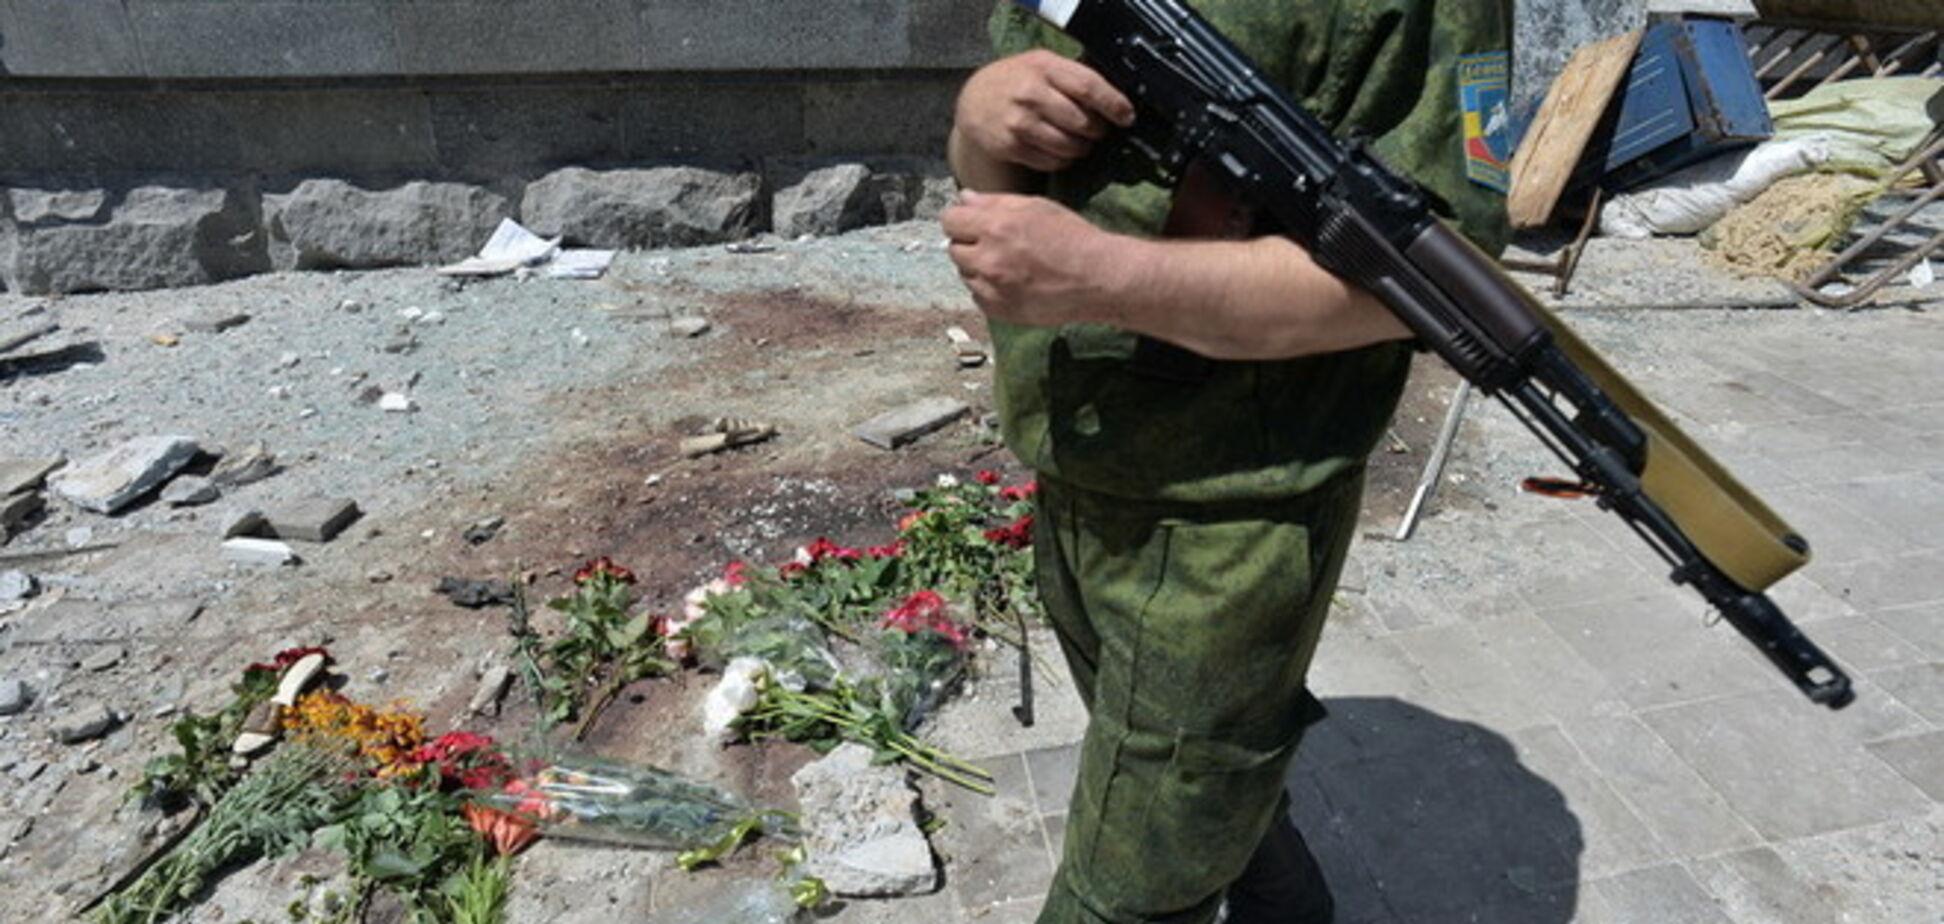 За добу бойовики вбили 2 мирних жителів, 8 отримали поранення - штаб АТО